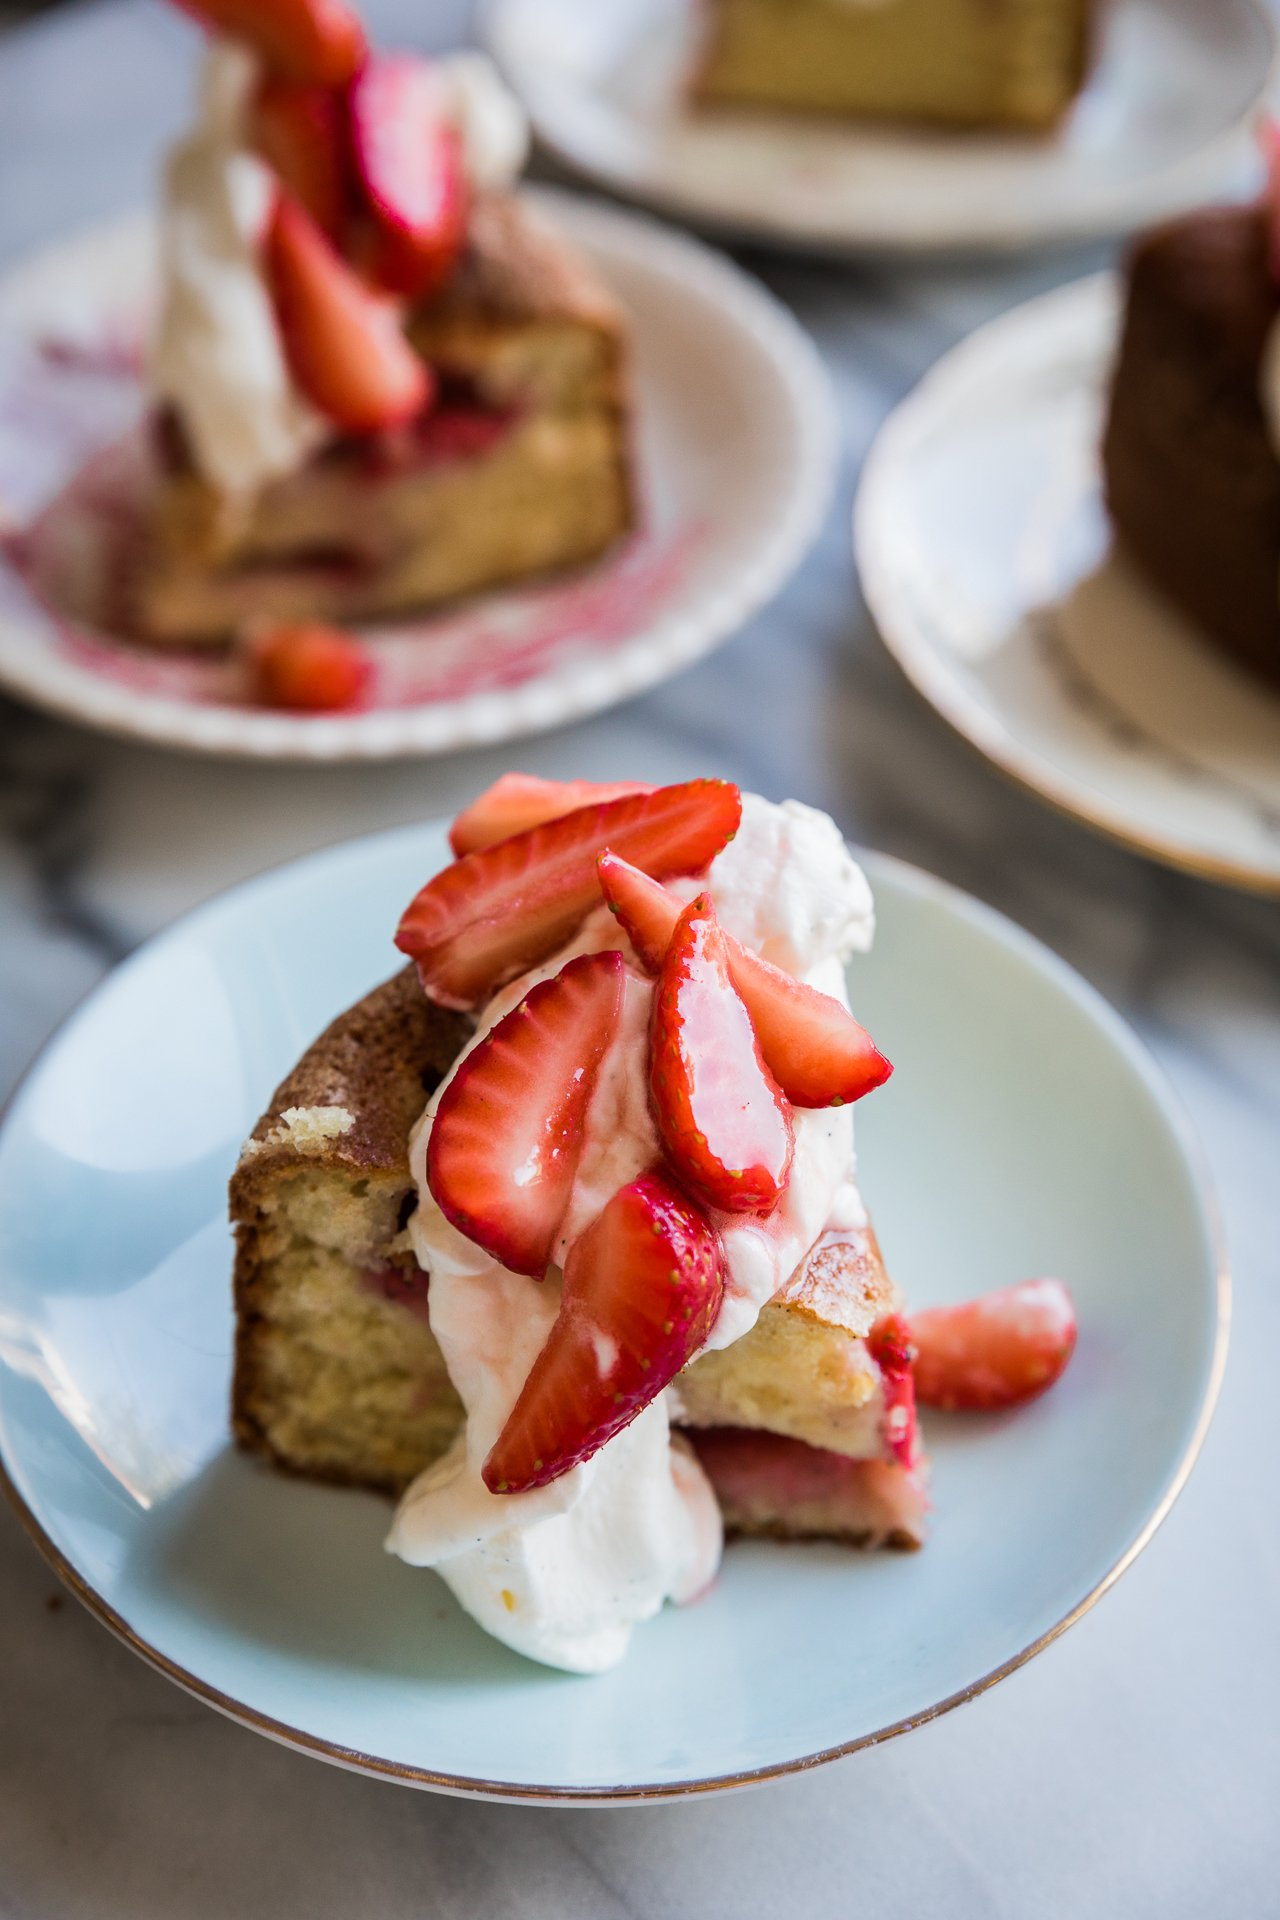 Strawberry Buttermilk Cake | HonestlyYUM (honestlyyum.com)